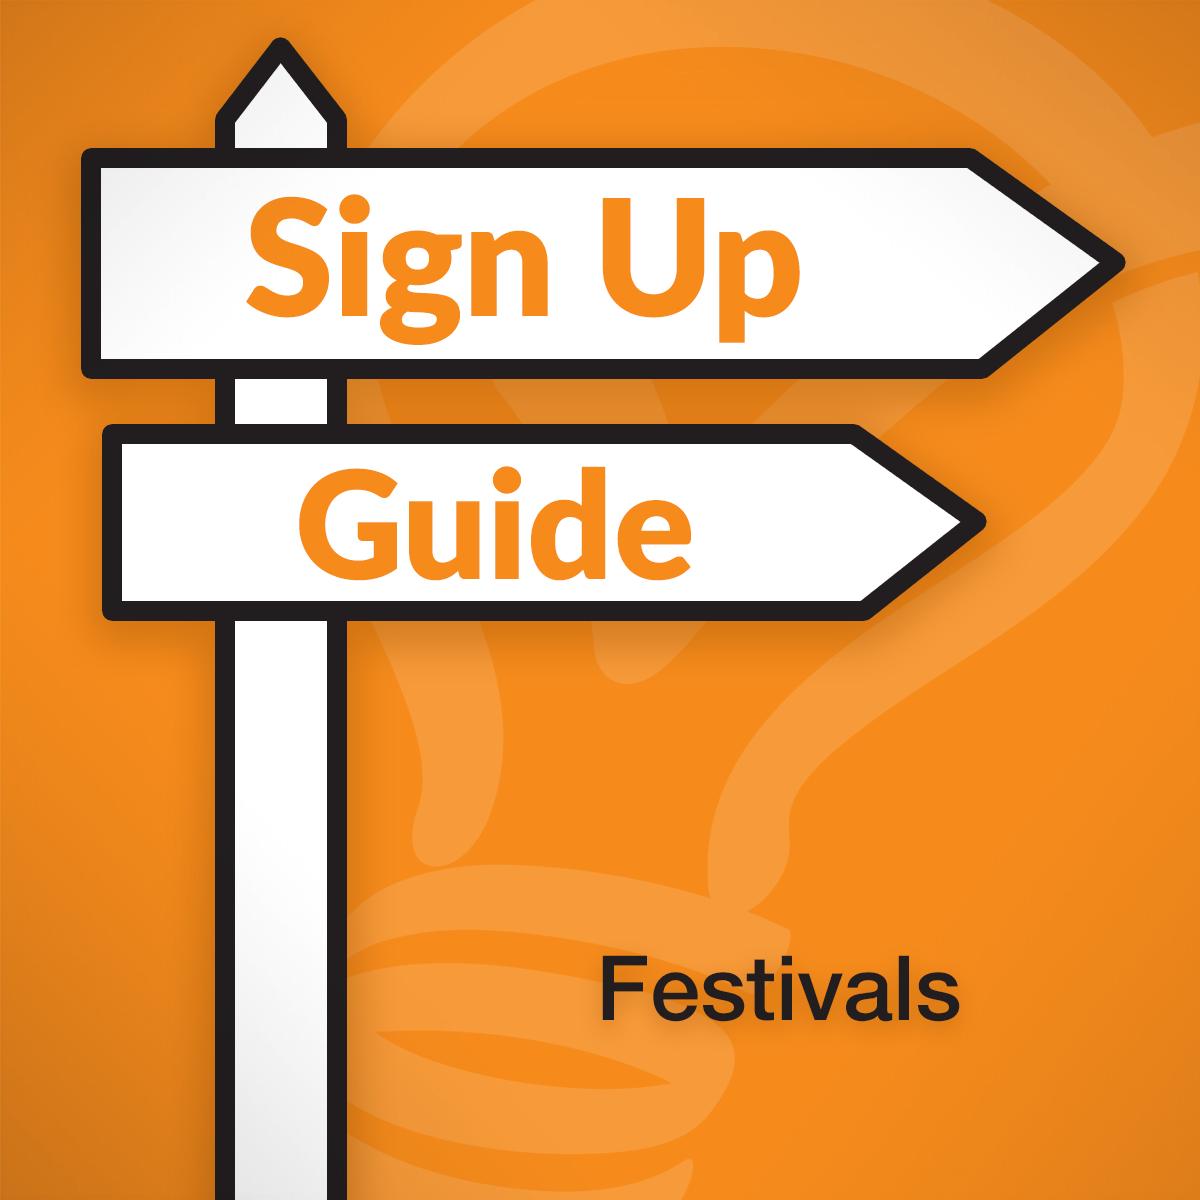 Sign Up Guide Festivals